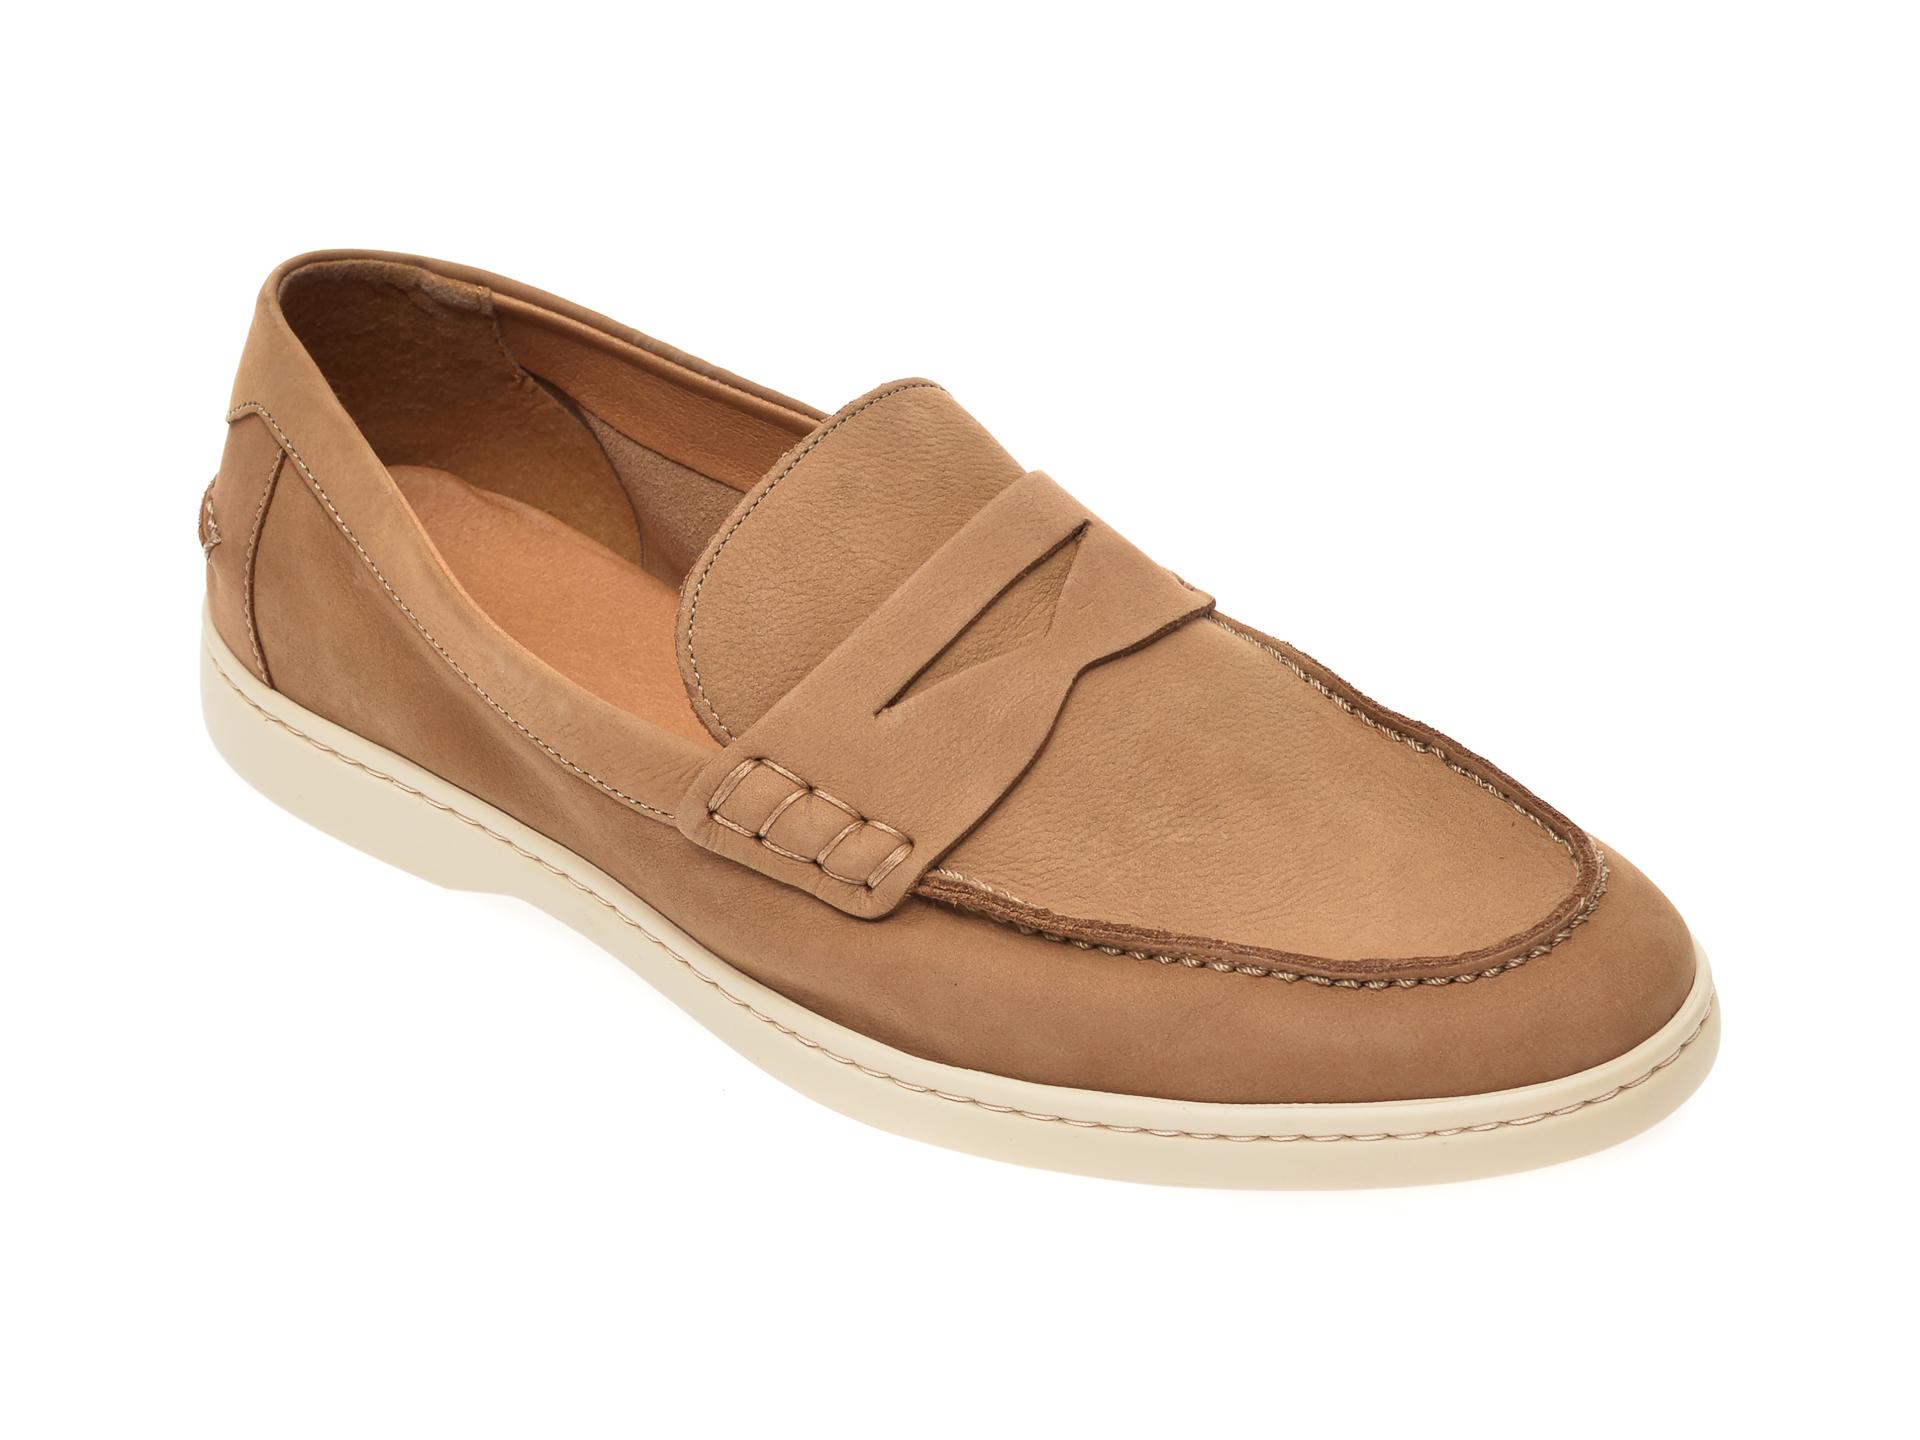 Pantofi ALDO bej, Kumelisu271, din nabuc imagine